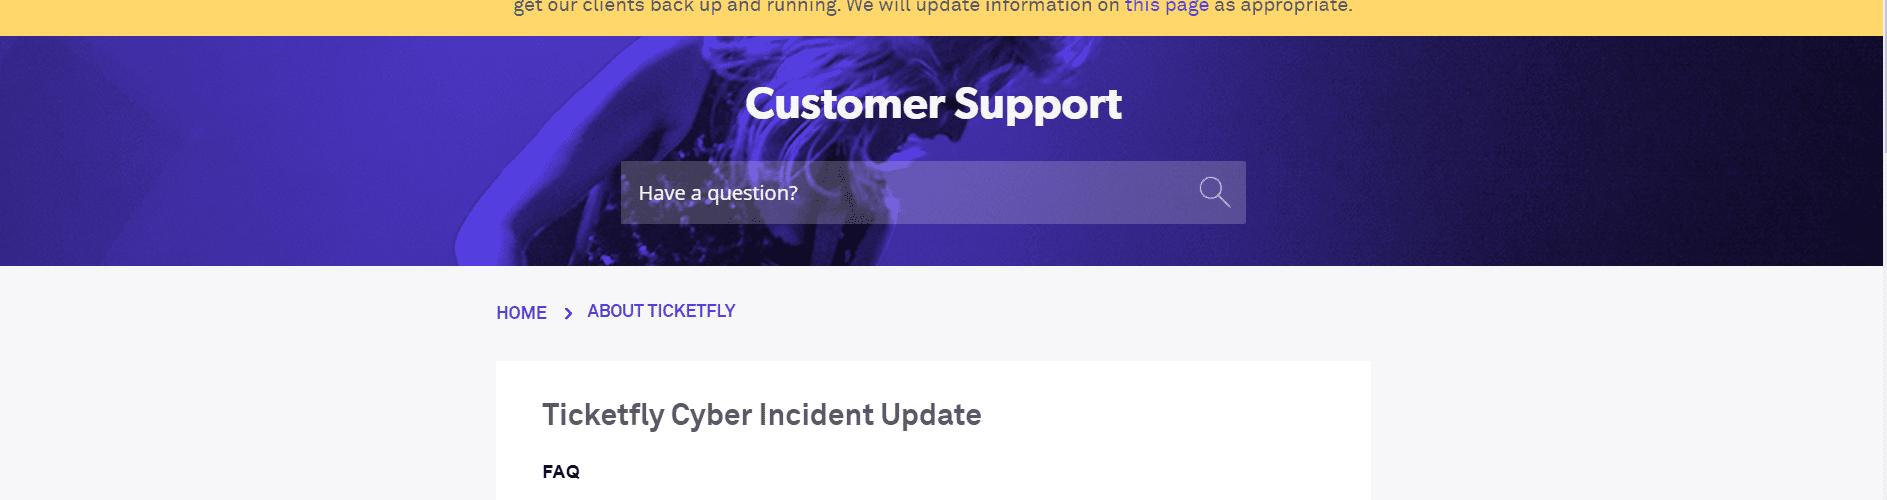 Ticketfly Hack: Website Still Down; Customer Data Exposed in Breach